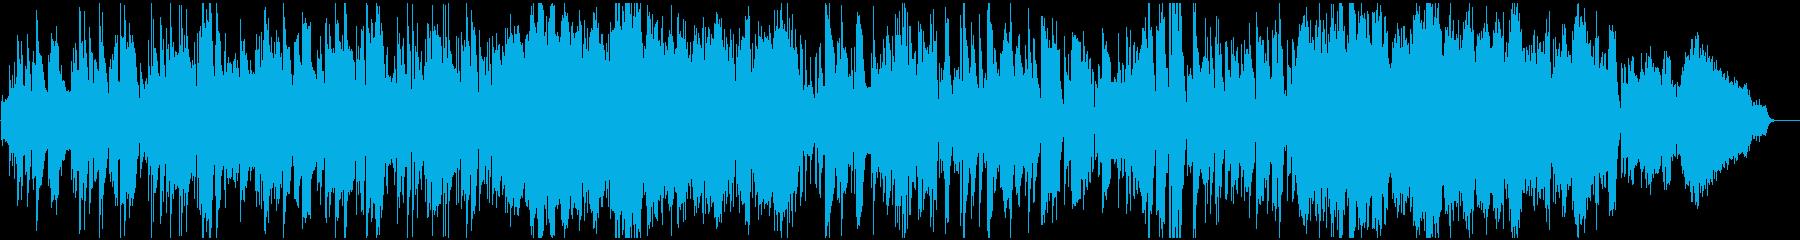 アンニュイで大人な雰囲気満載のBGMの再生済みの波形